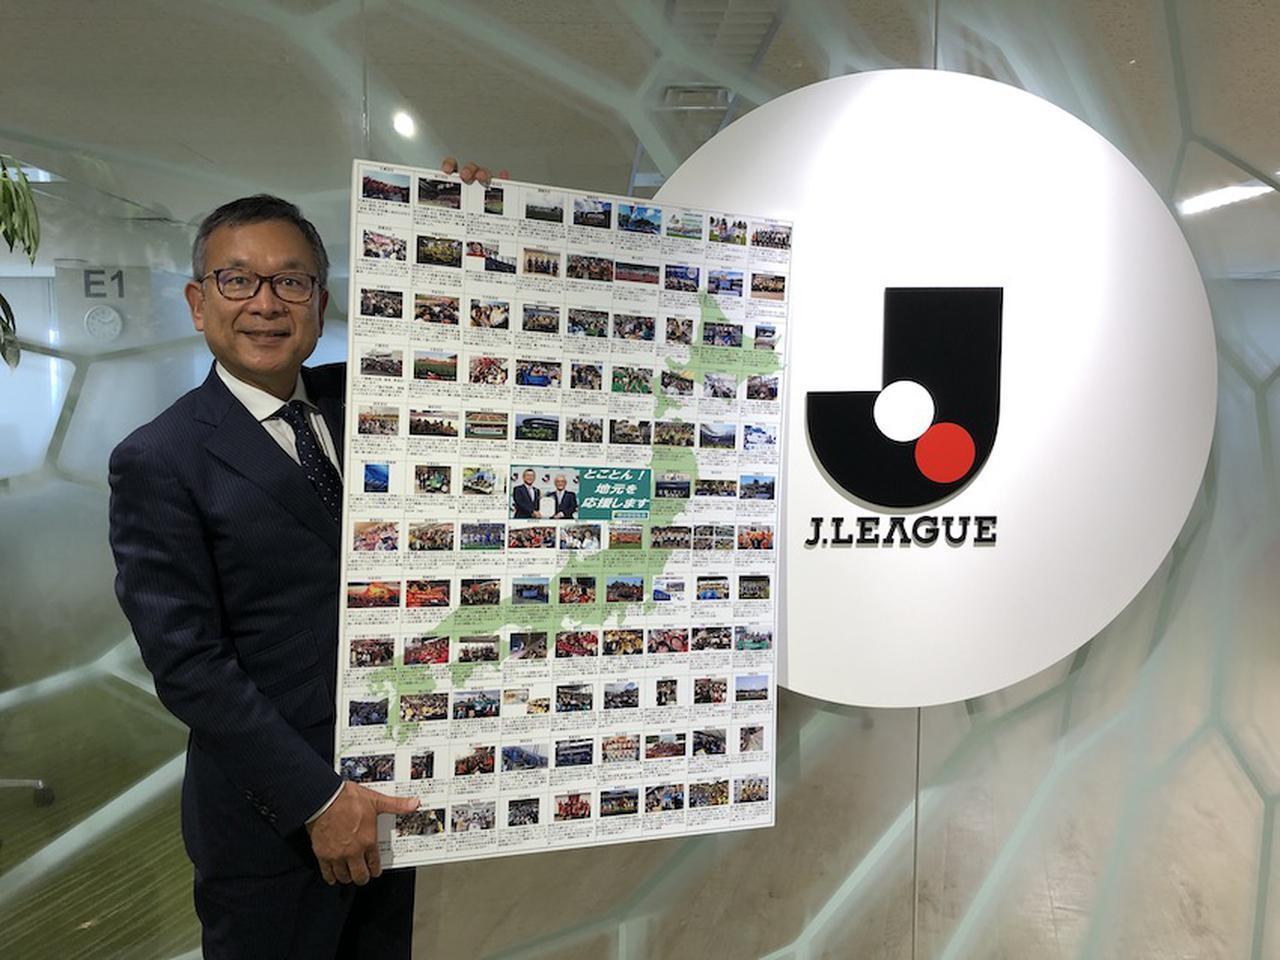 画像: 明治安田生命から贈られた「Jリーグ頑張ってください」というメッセージ入りボードを手にするJリーグの村井満チェアマン